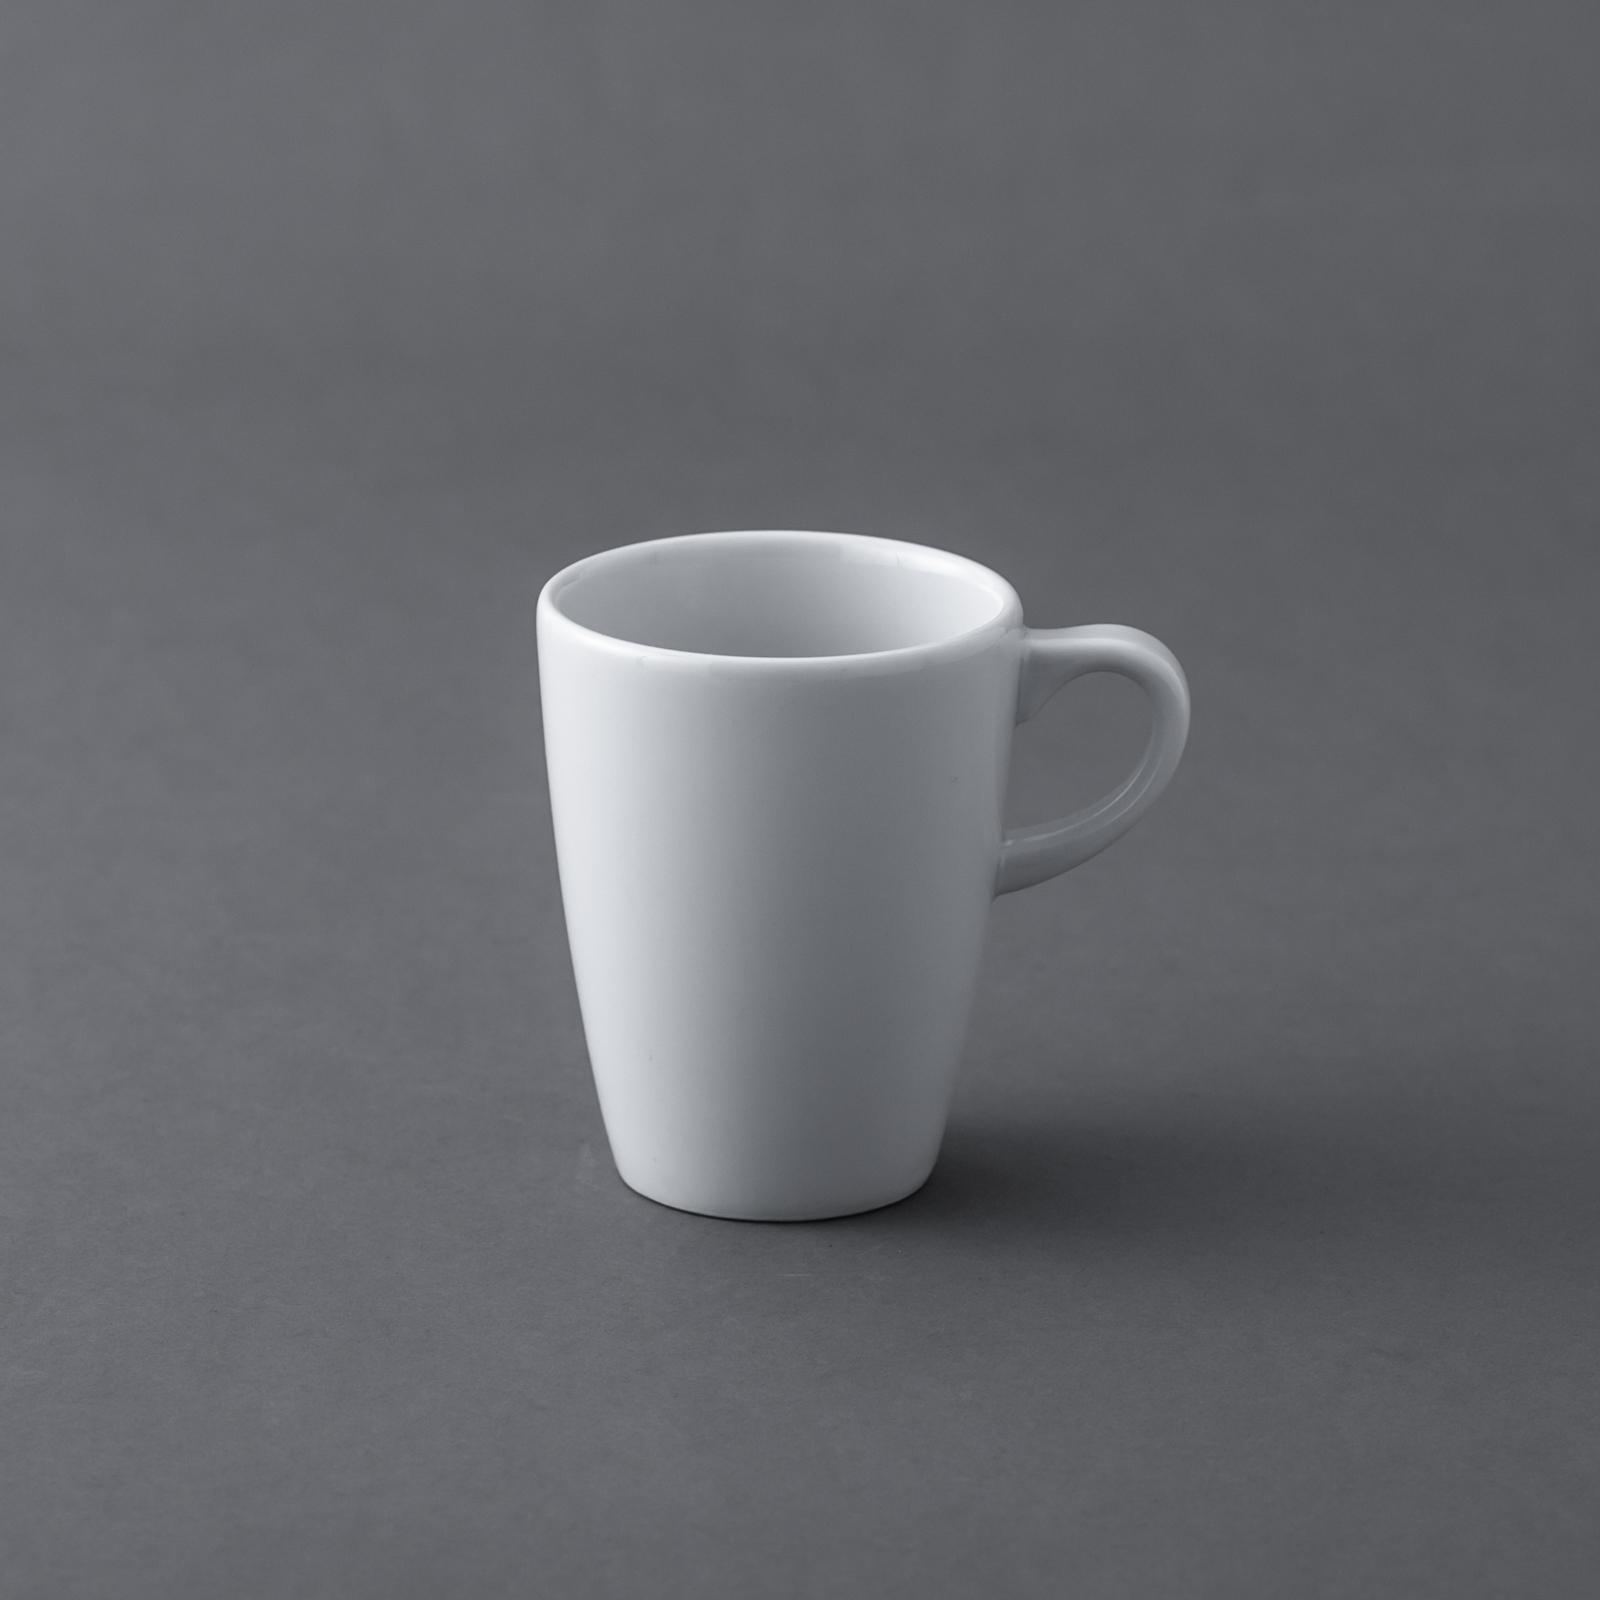 PILLIVUYT _ エデン ティーカップ